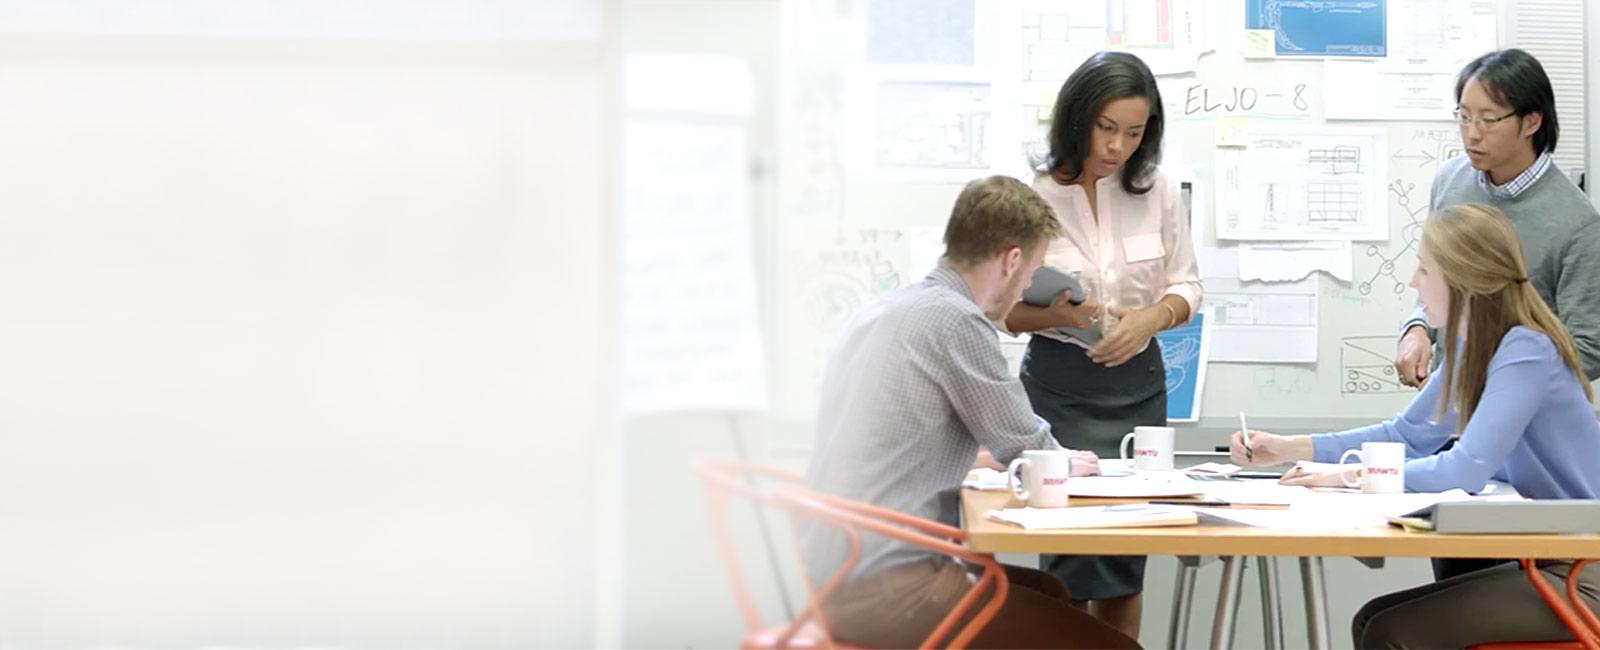 Dos personas de pie y dos personas sentadas ante una mesa cubierta de documentos enfrente de una pizarra.